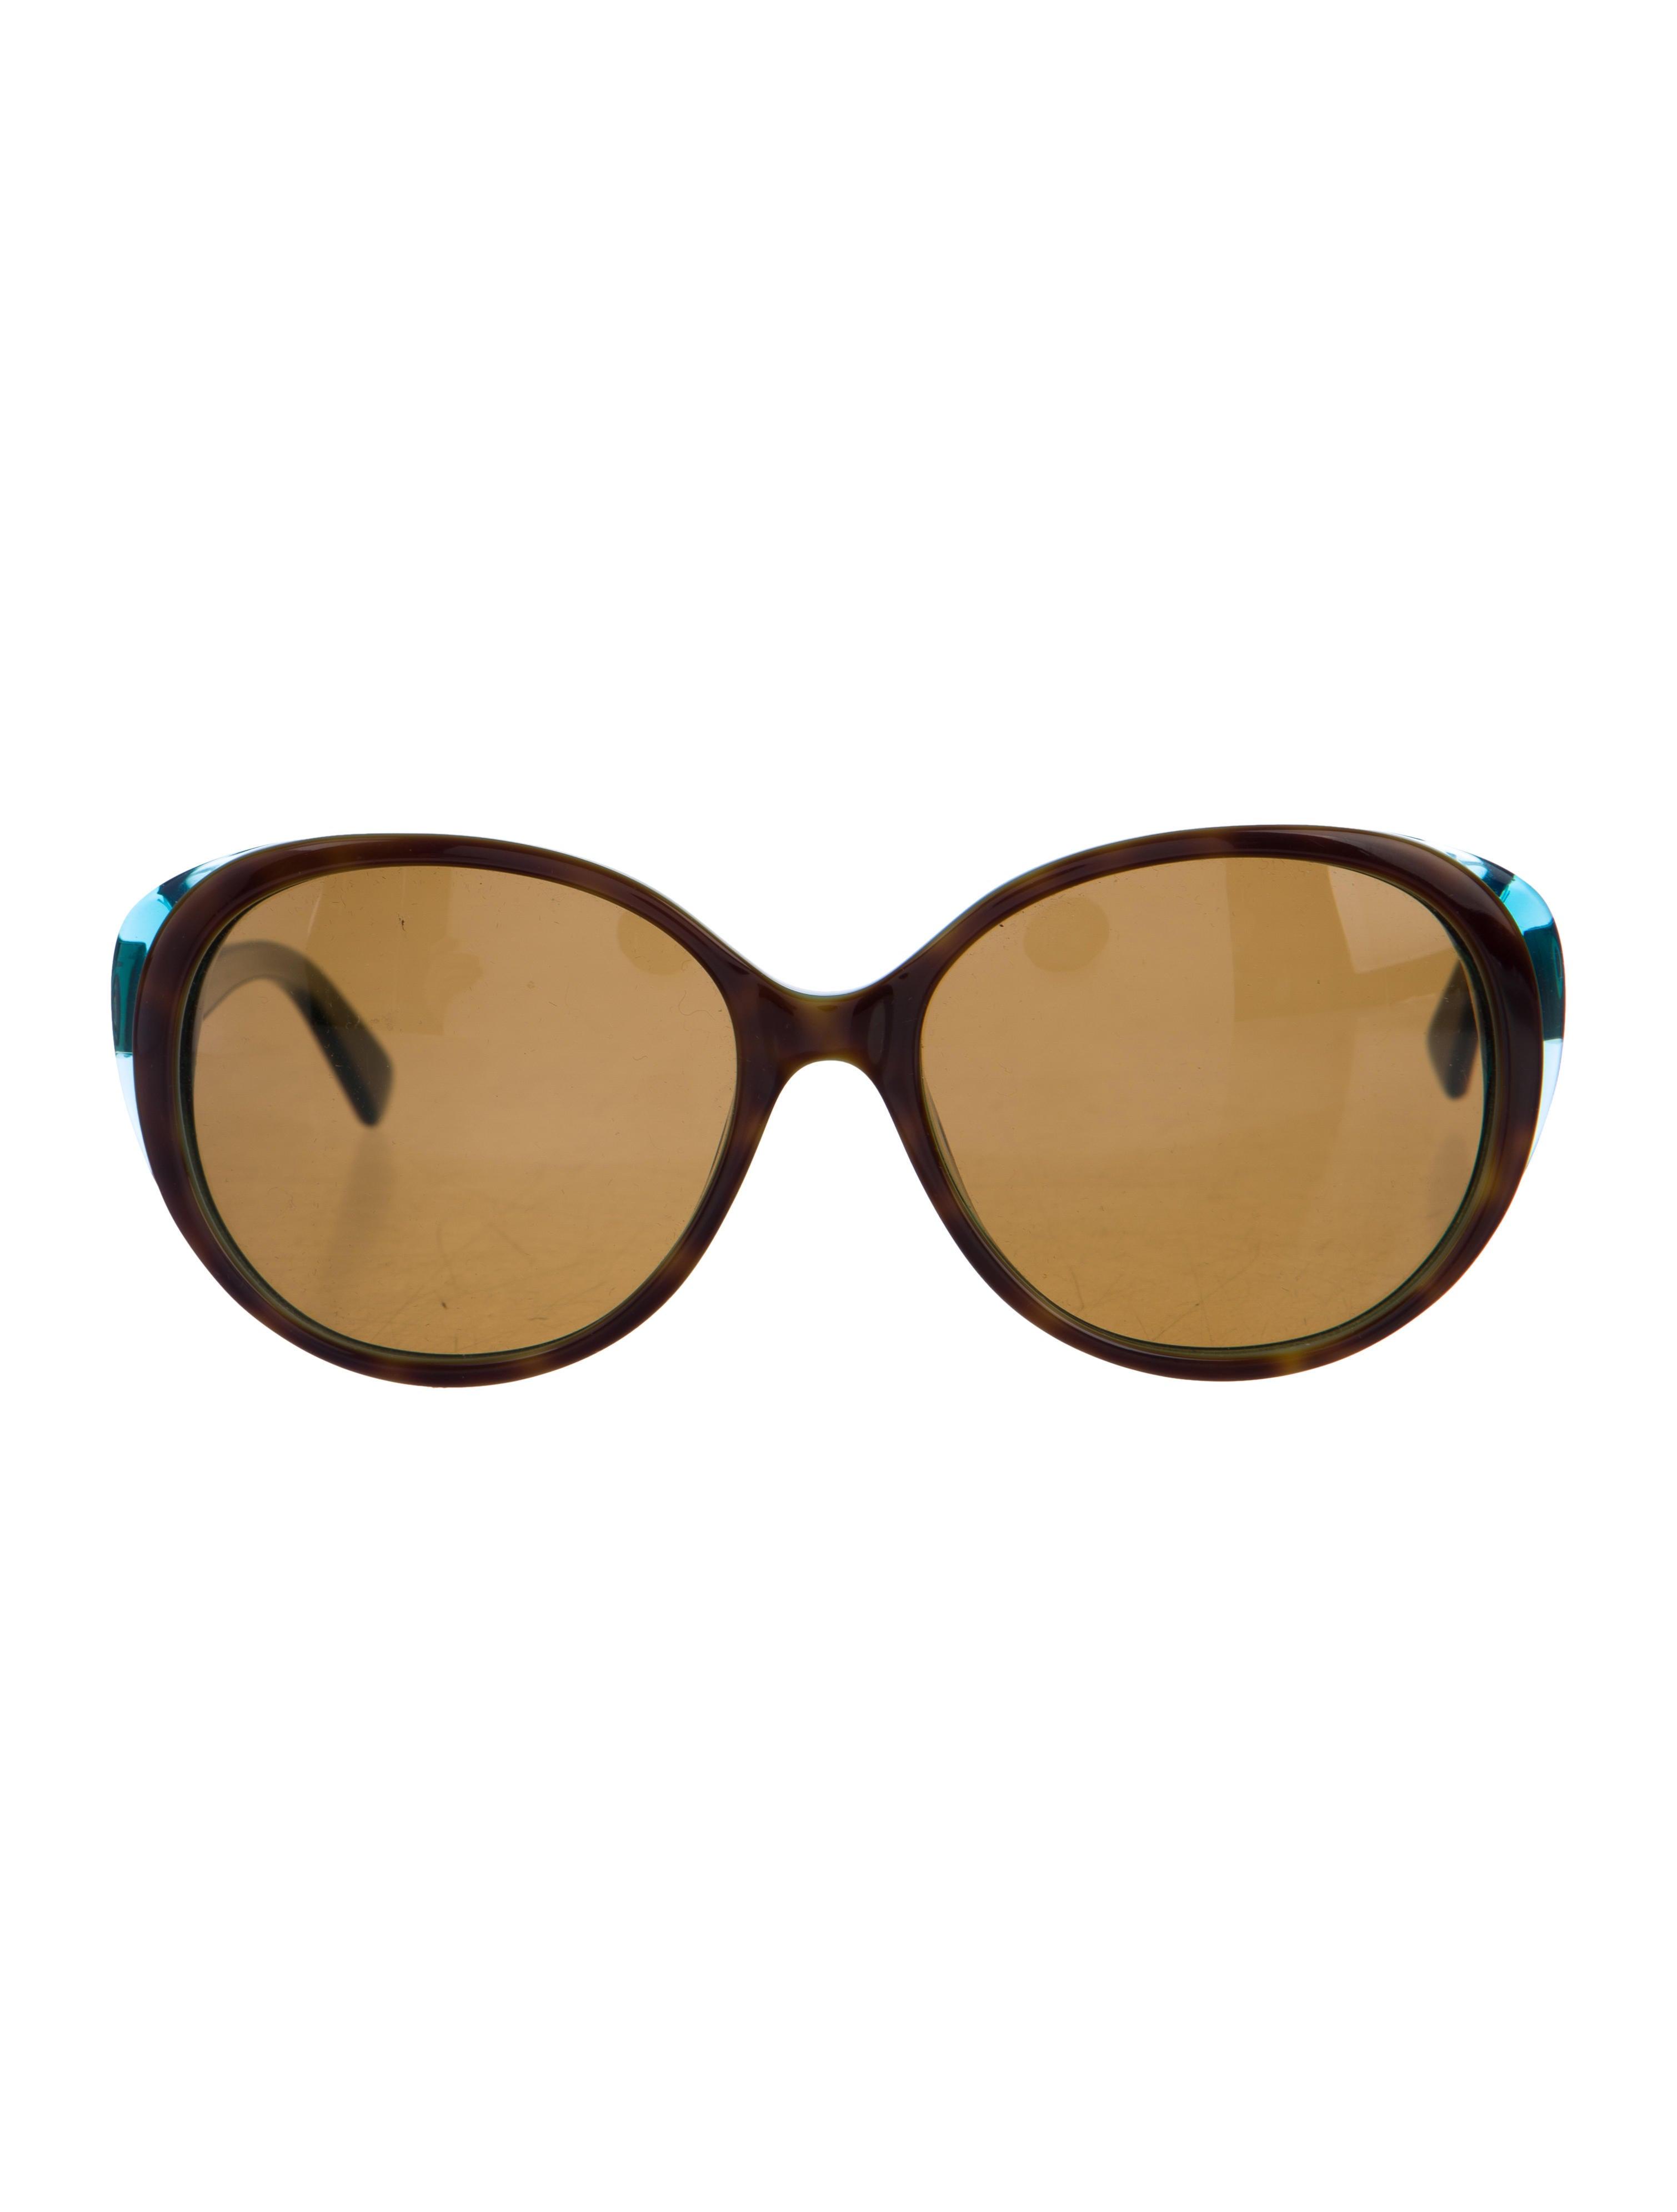 Kate Spade Tortoise Shell Glasses Frames : Kate Spade New York Tortoise Round Sunglasses ...